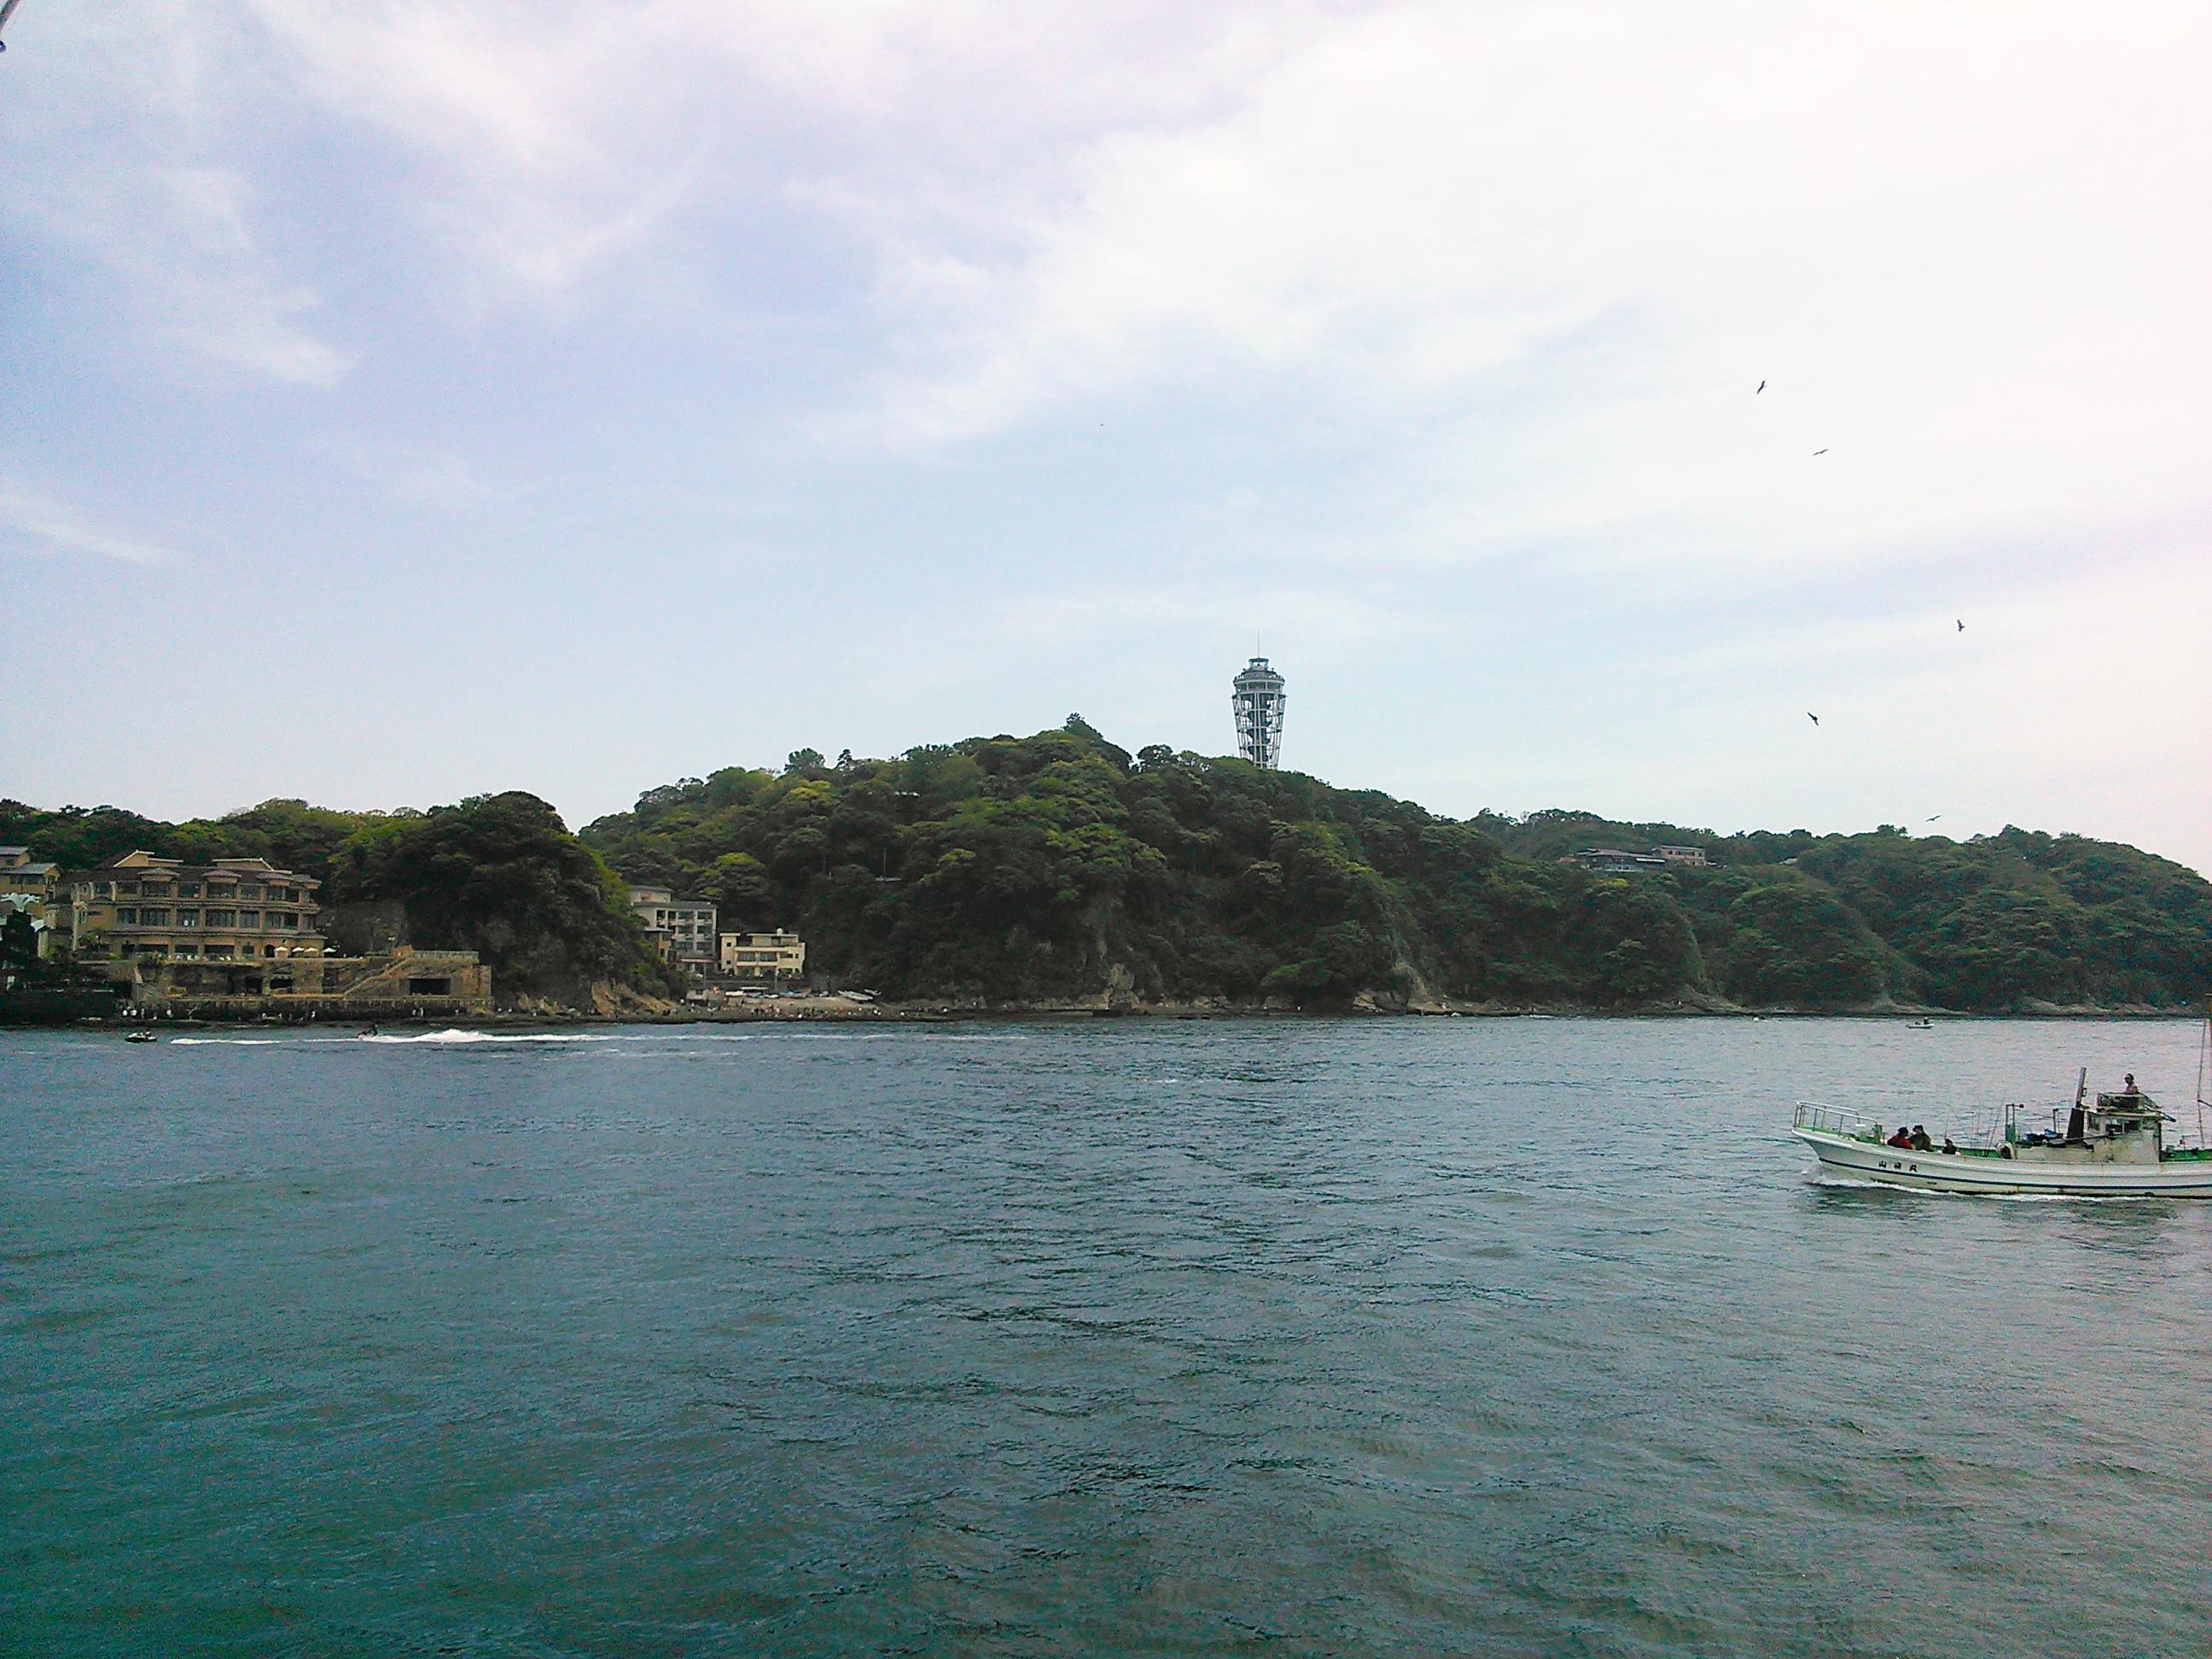 釣り場からはきれいに江ノ島が見えた